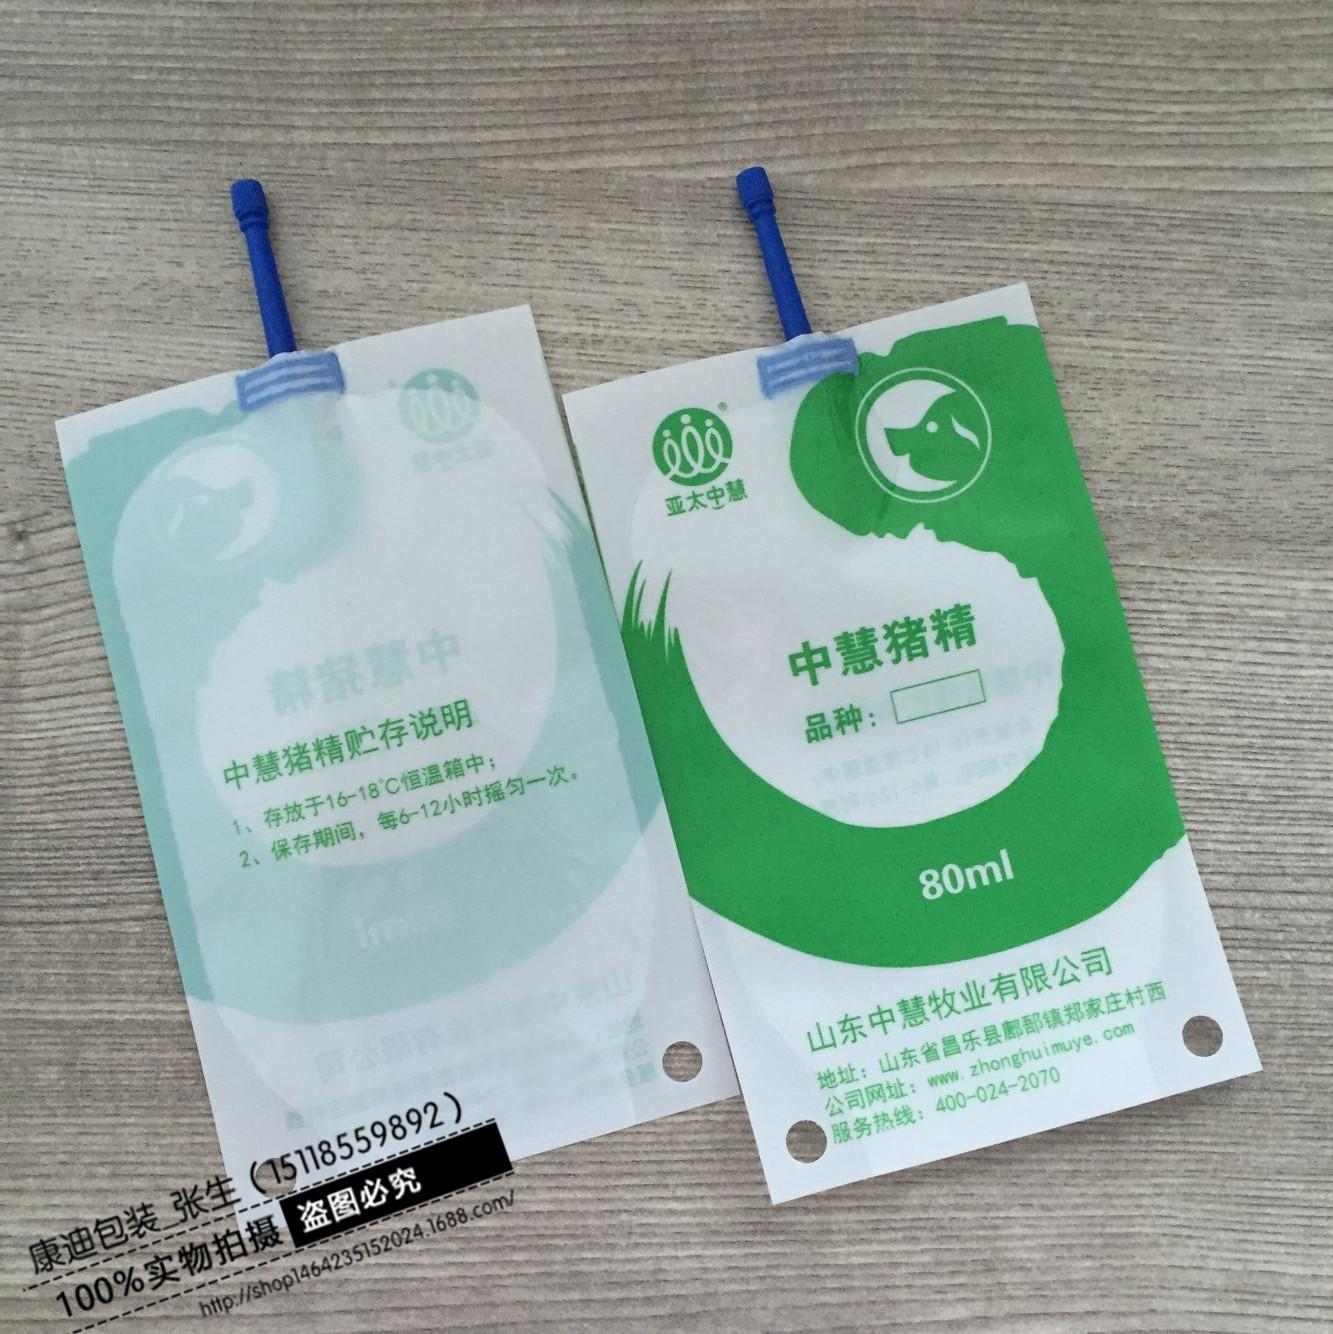 猪精液袋_100ML猪精液袋|猪精液吸嘴袋|袋装猪精液包装|猪精液包装袋|精液袋